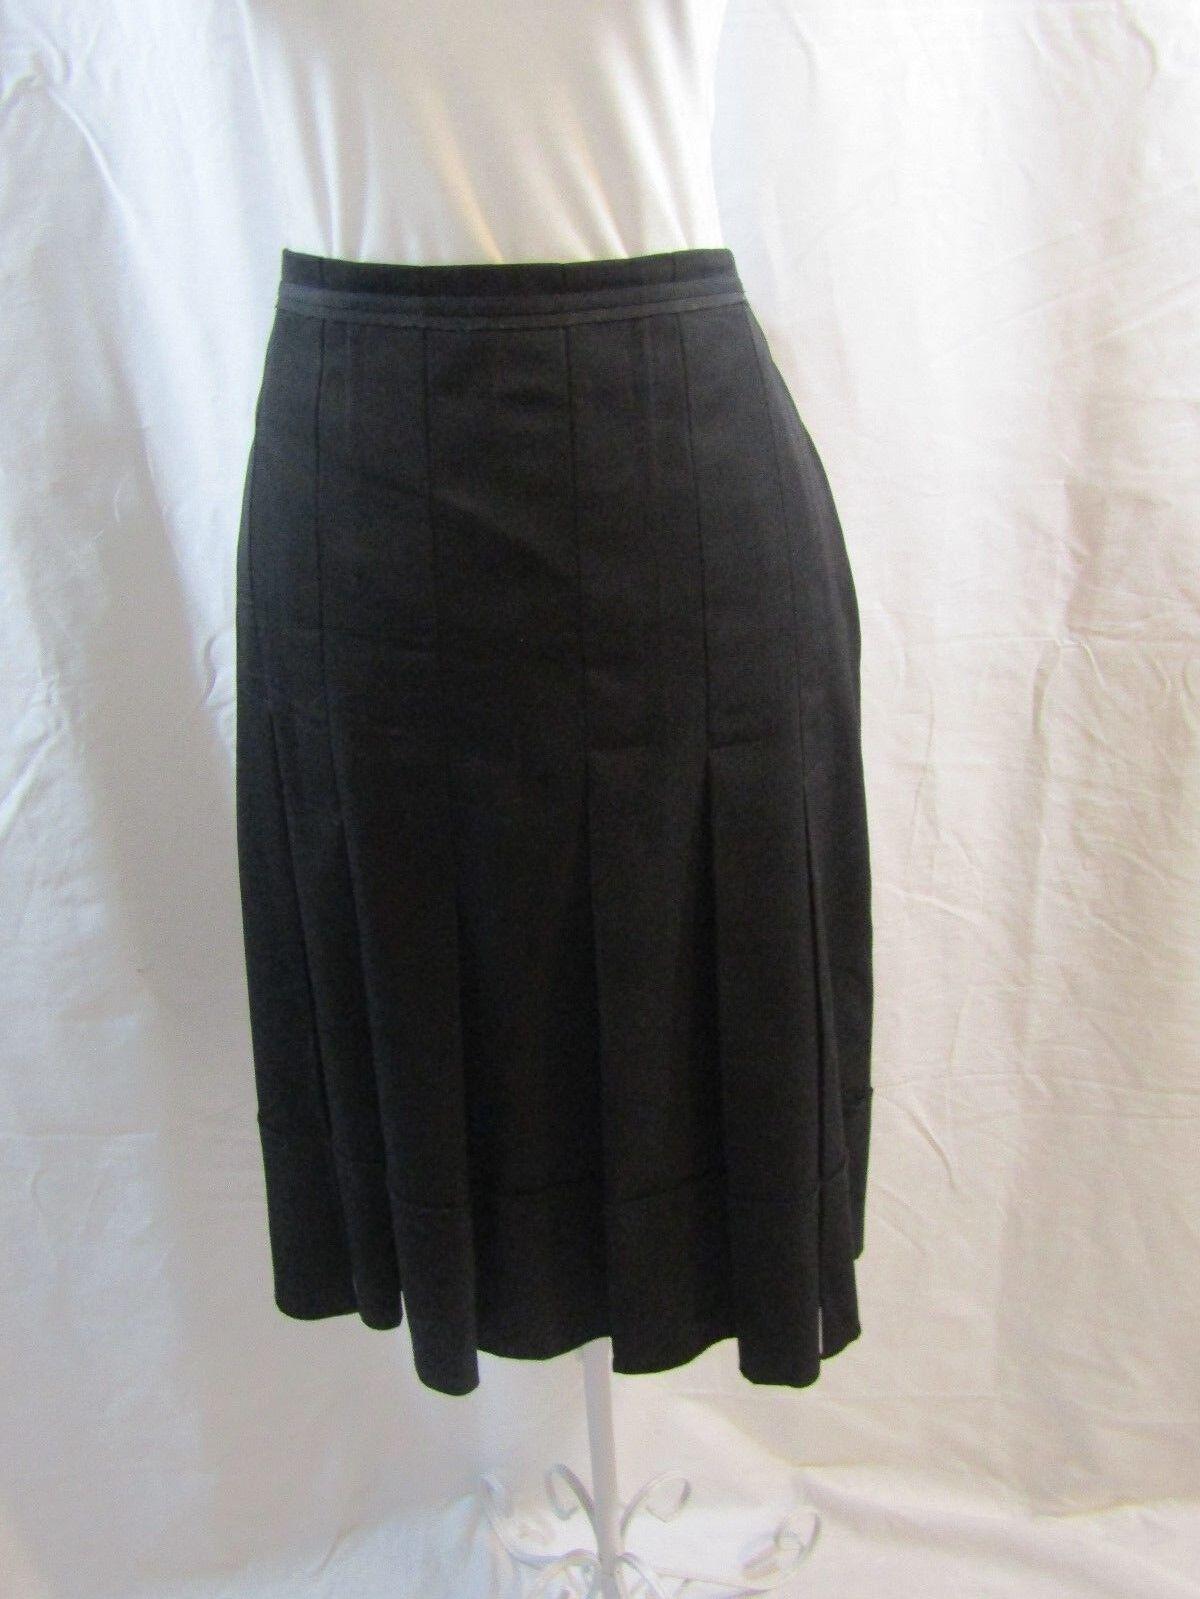 BCBG MAXAZRIA wohommes noir plissée jupe-Taille 8 Neuf avec étiquettes